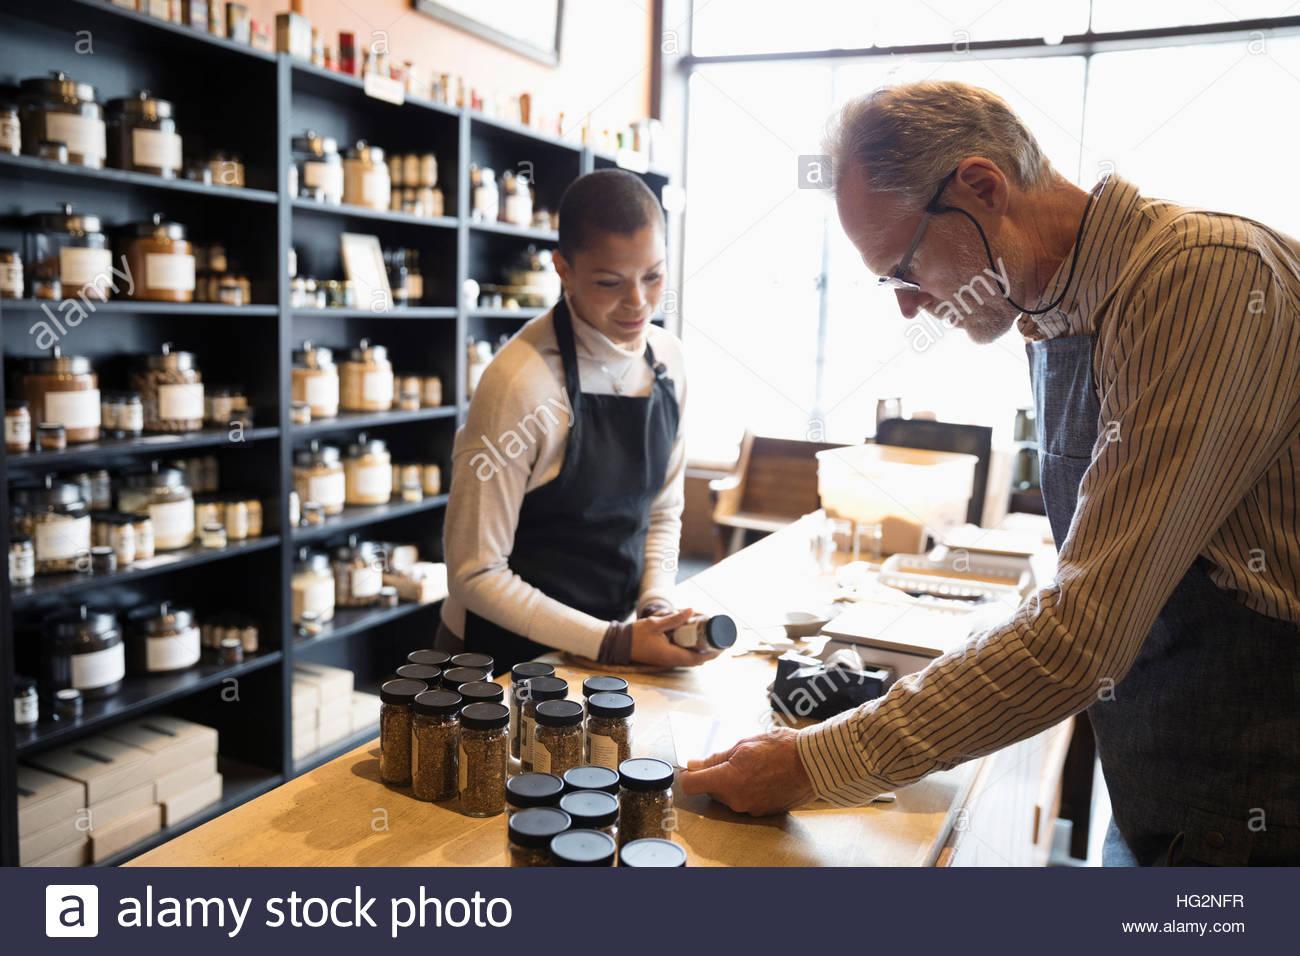 Les propriétaires de boutiques d'épices qui travaillent à lutter contre la prise d'inventaire Photo Stock